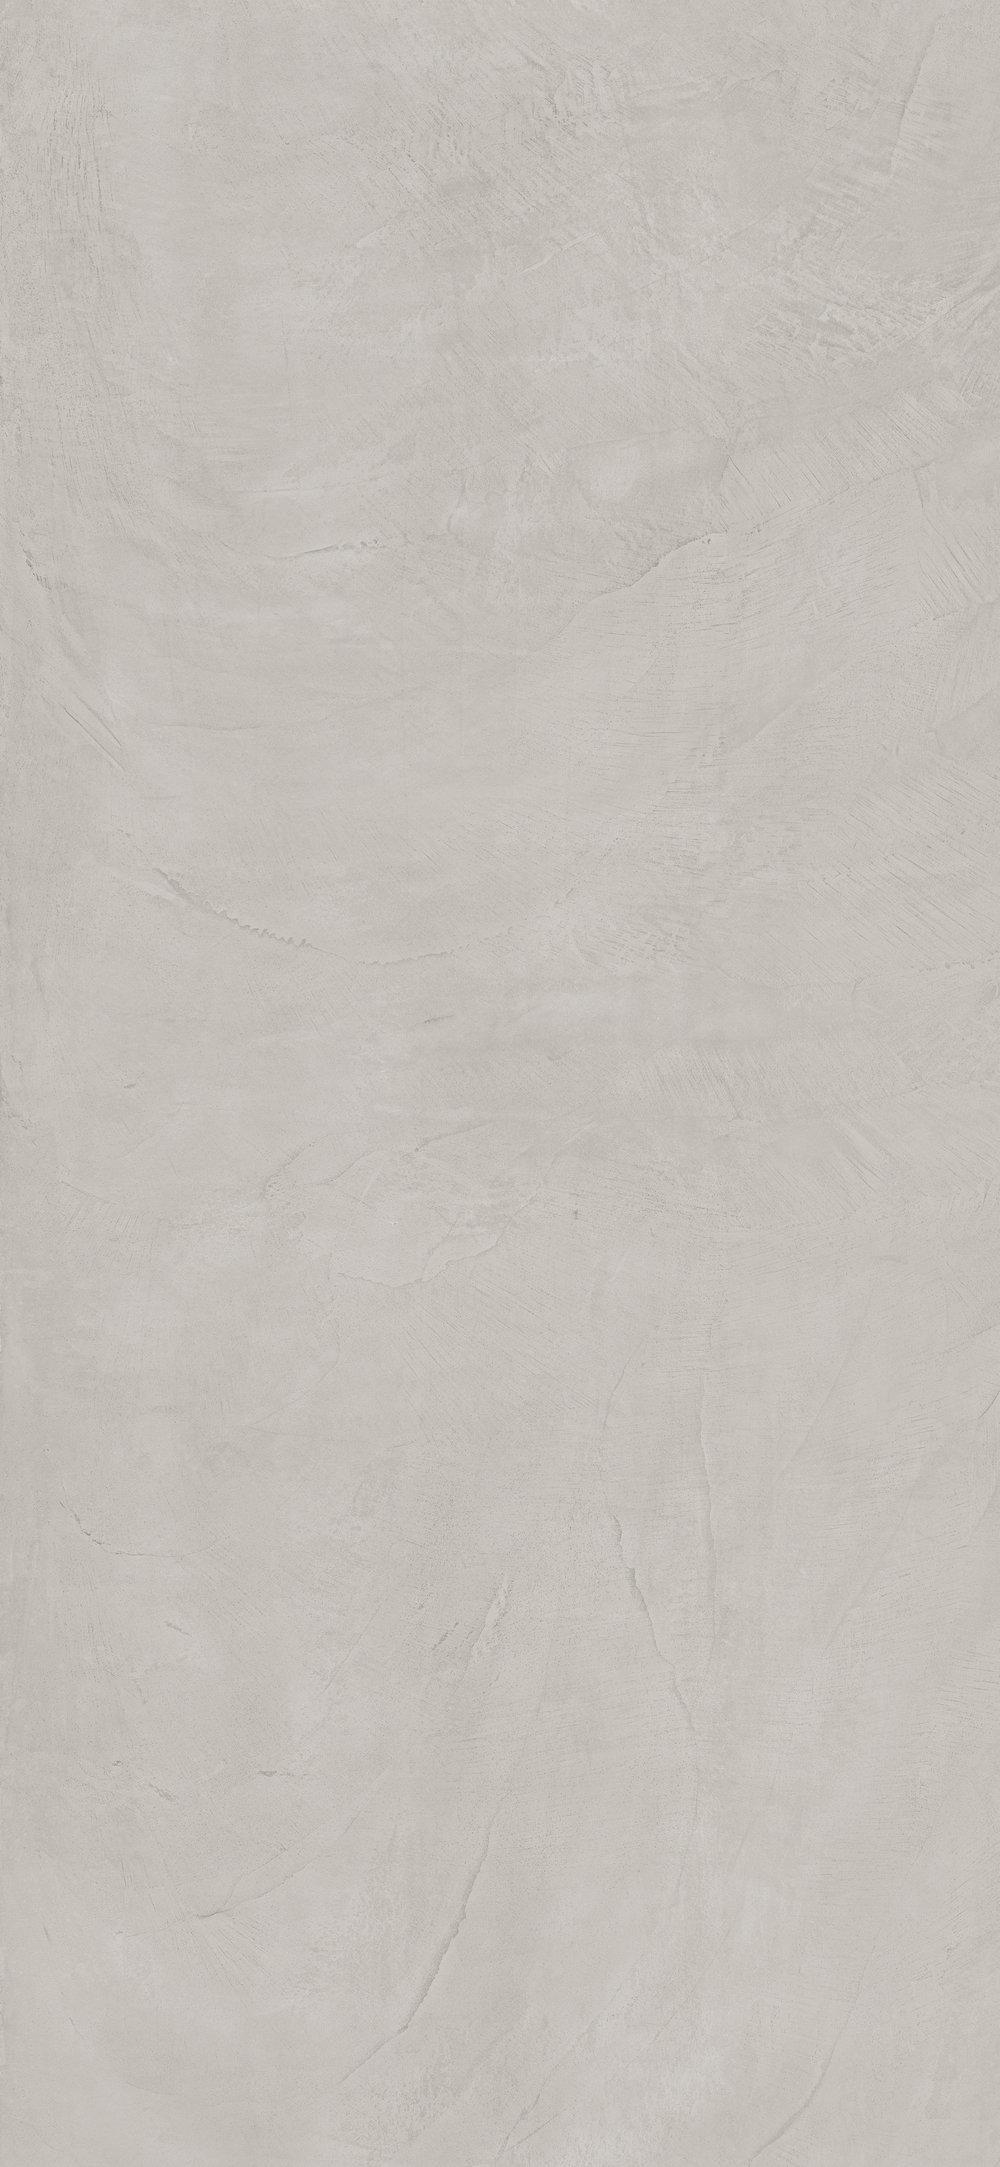 Equinox - White